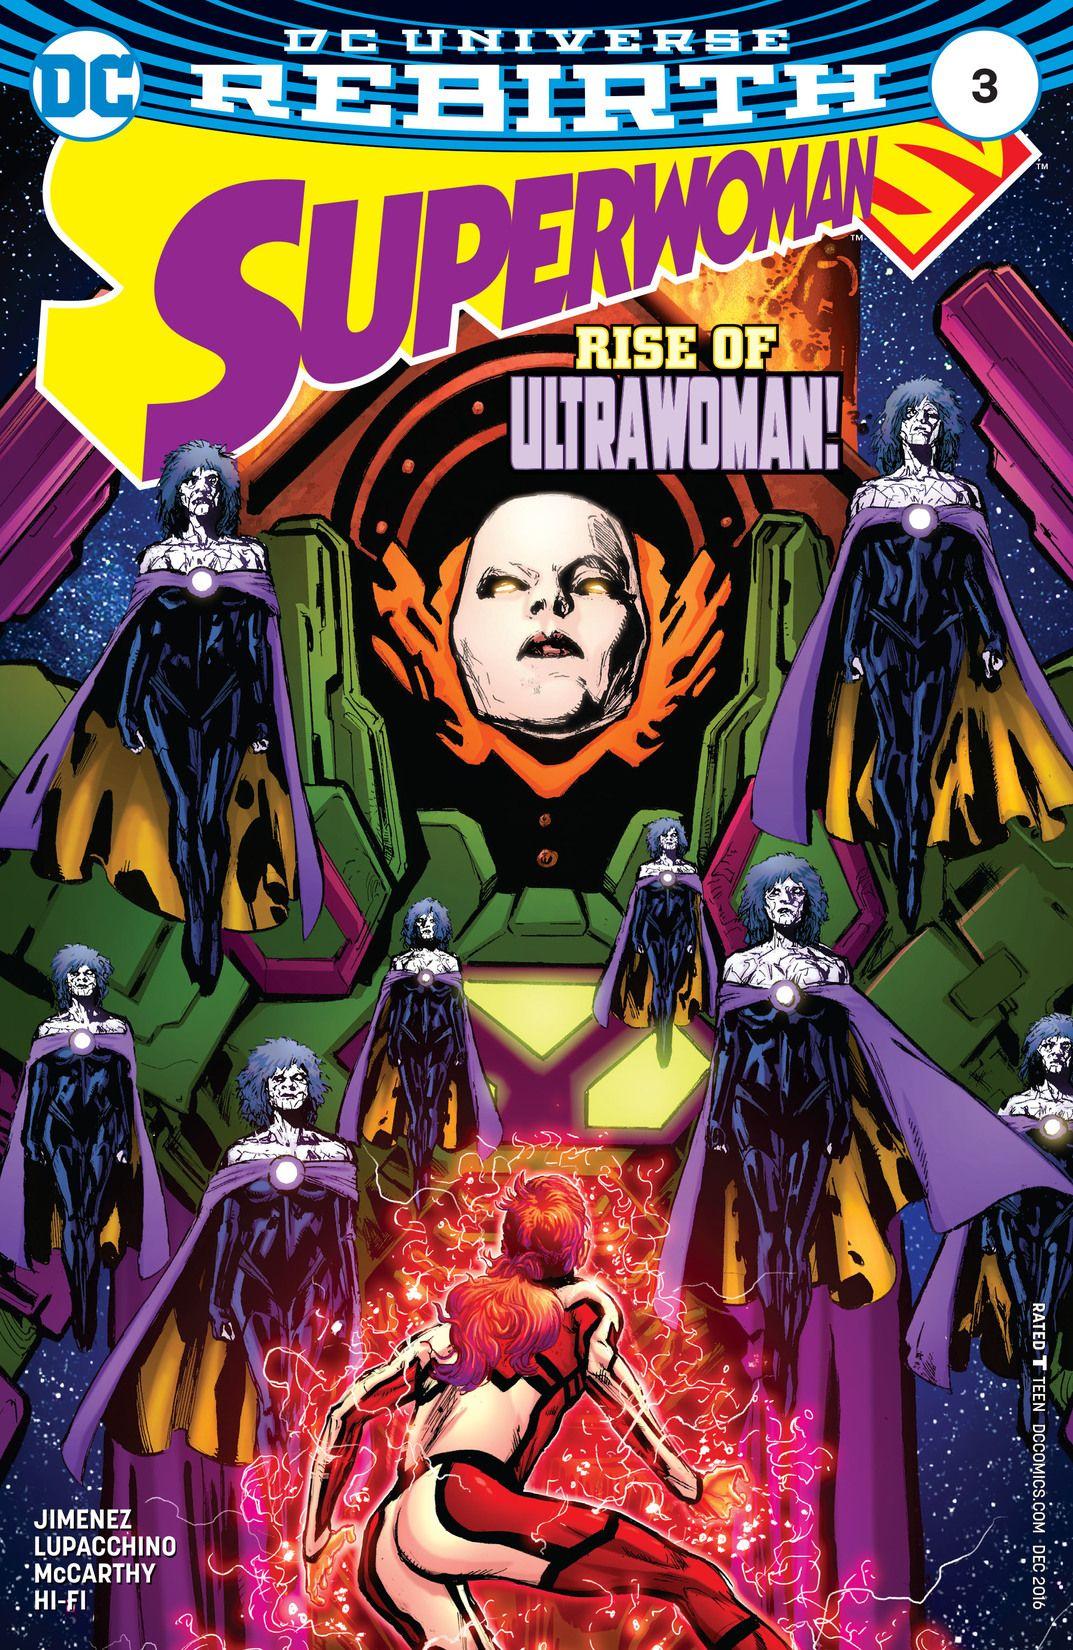 Superwoman Vol 1 3